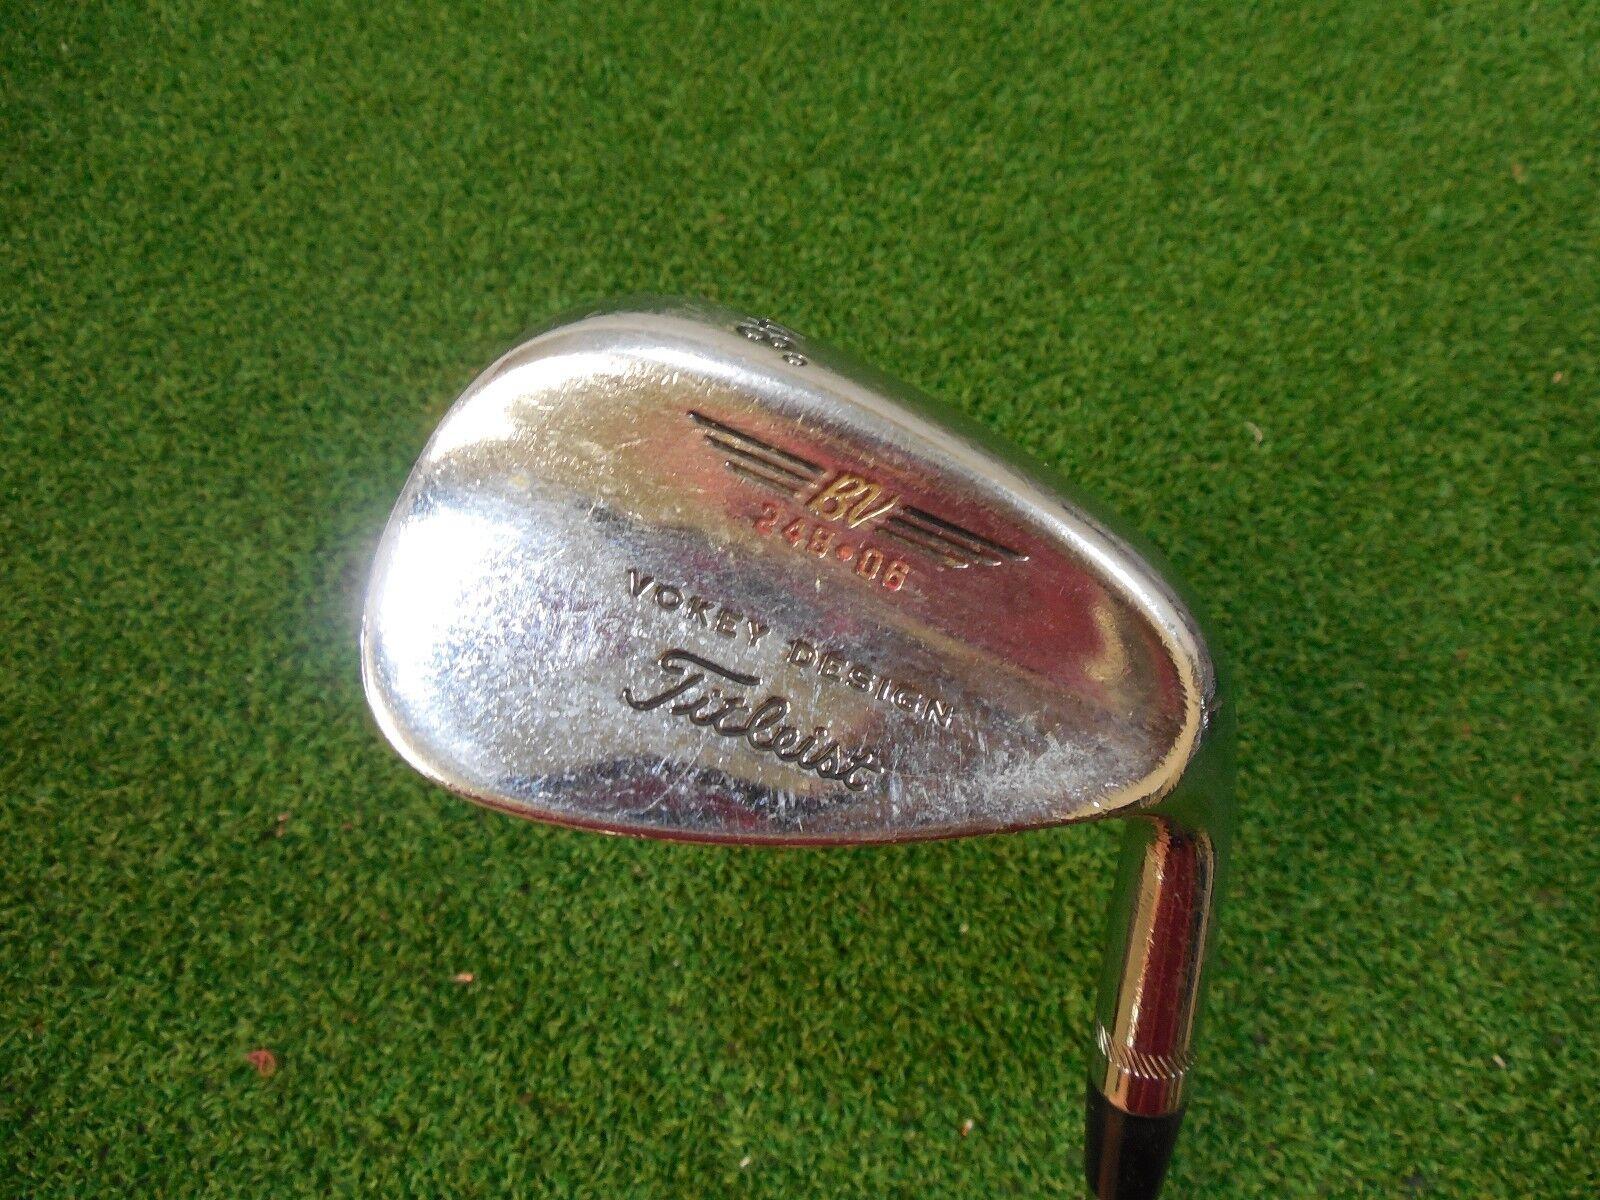 Utilizado Titleist serie  200 de cromo 248.08 Gap Wedge Dynamic oro Cuña Flexible De Acero  los últimos modelos